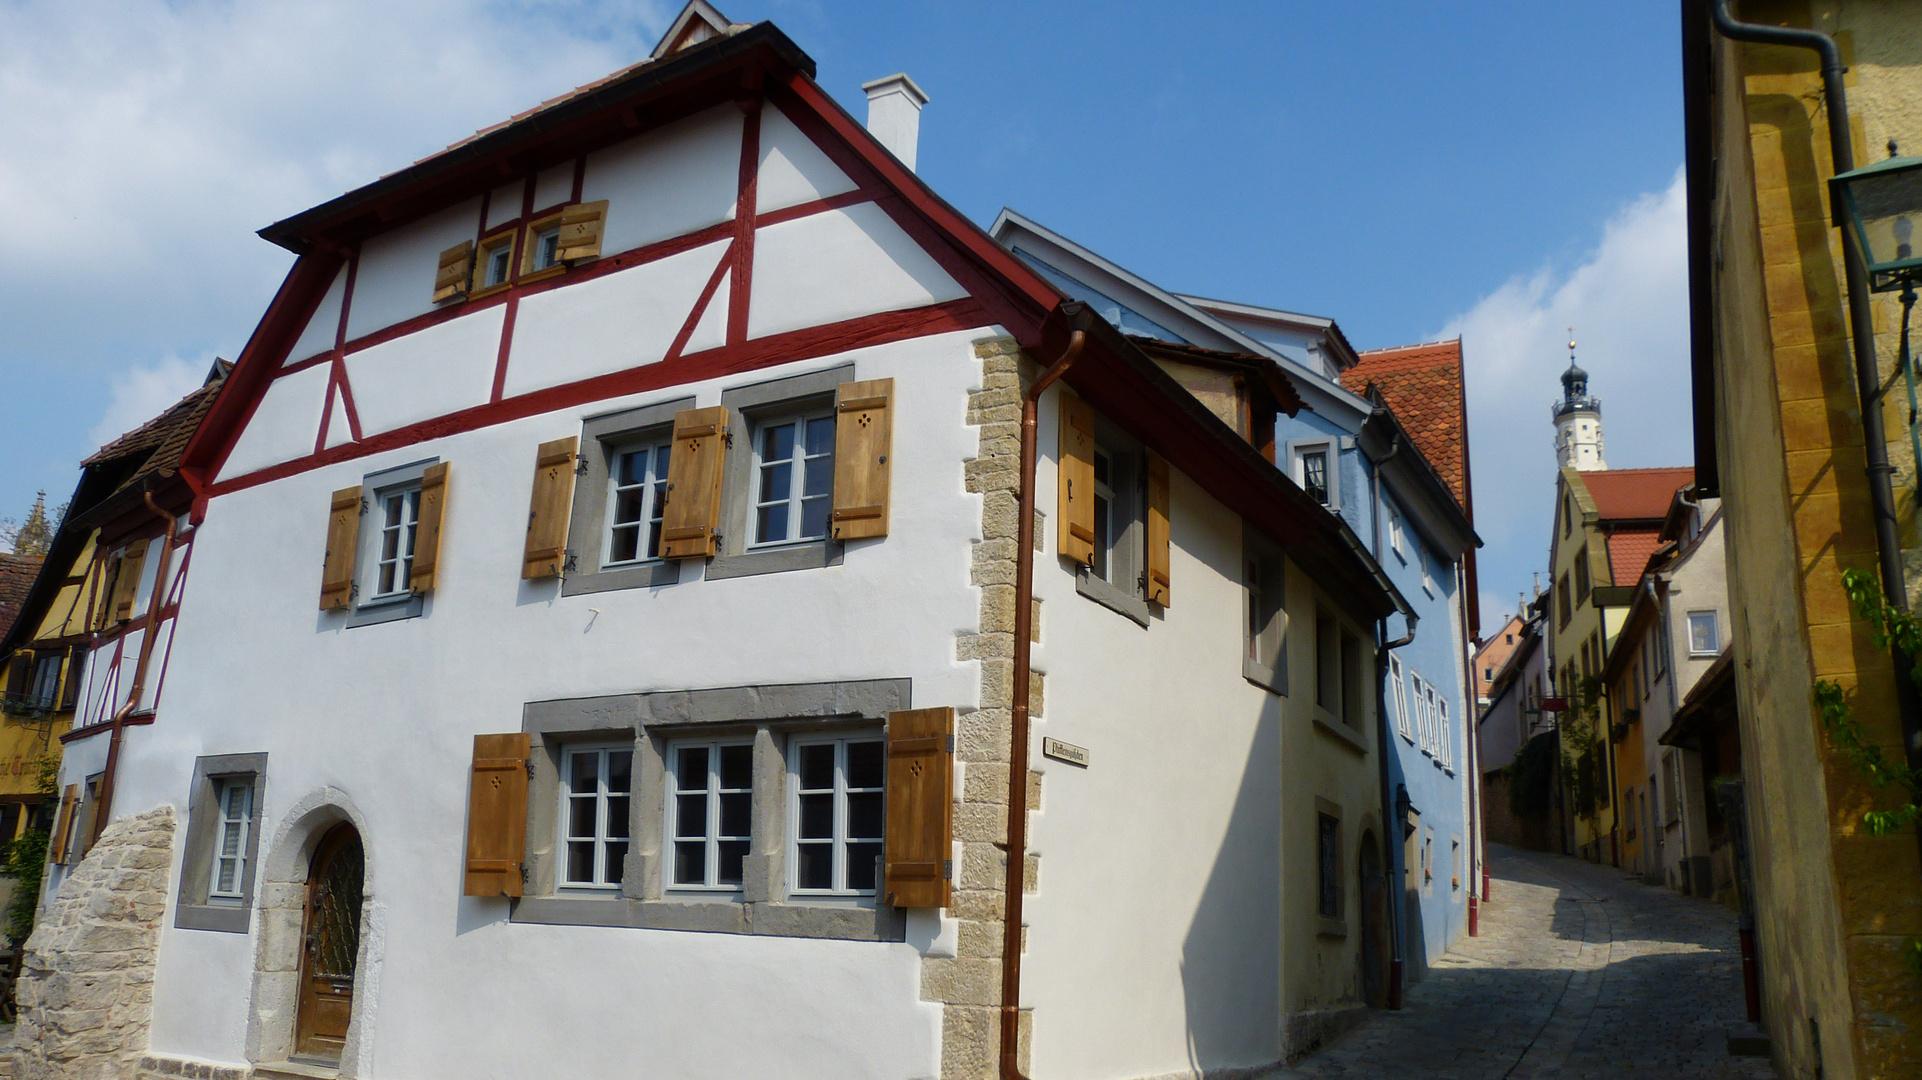 Rothenburg ob der Tauber 4